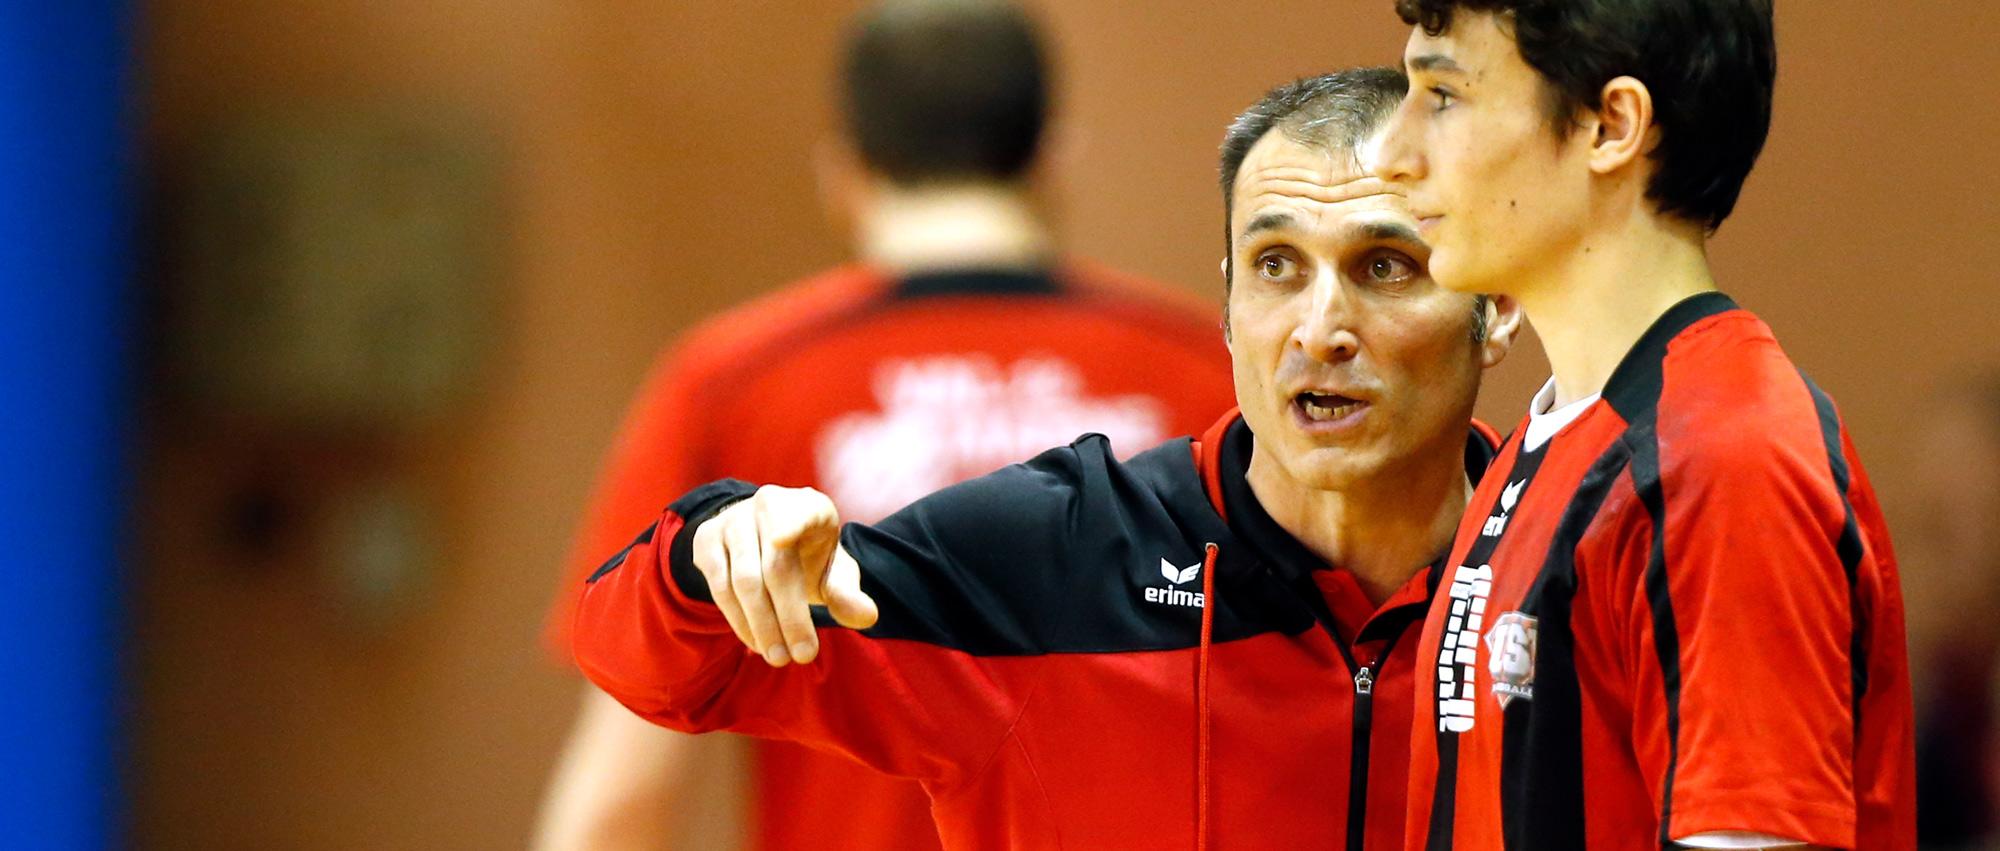 Avant d'en être le directeur, Pascal Léandri a été joueur, puis entraineur de l'US Ivry